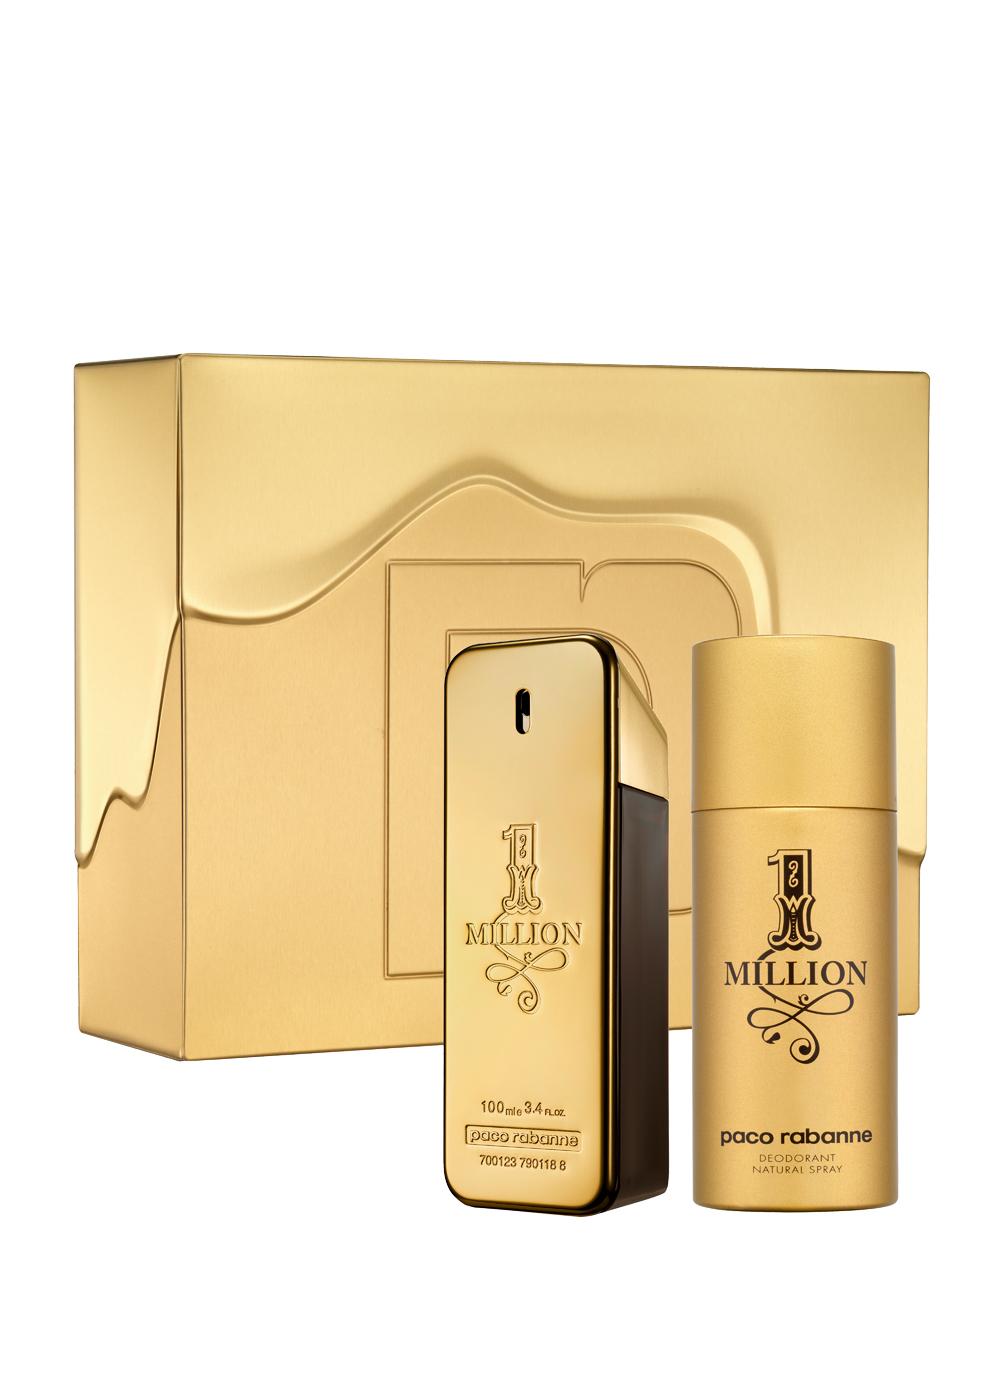 cd89f1a8ec Paco Rabanne One Million EDT 100ml Erkek Parfüm Set. %100 Orjinal Ürün En  Uygun Fiyat Faturalı Aynı Gün Ücretsiz Kargo